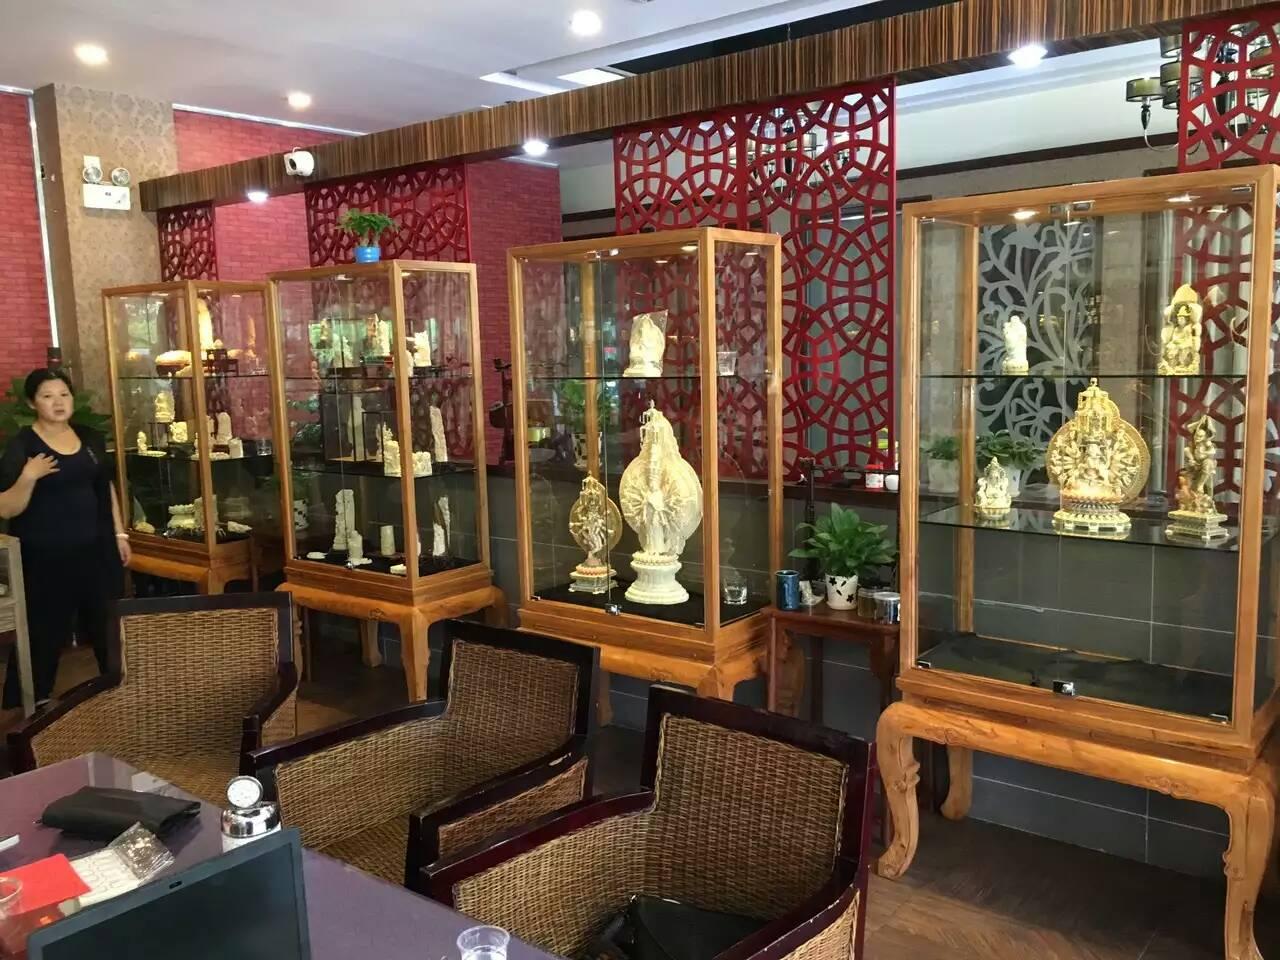 珠海斗门猛犸城 销售批发各种猛犸象牙制品